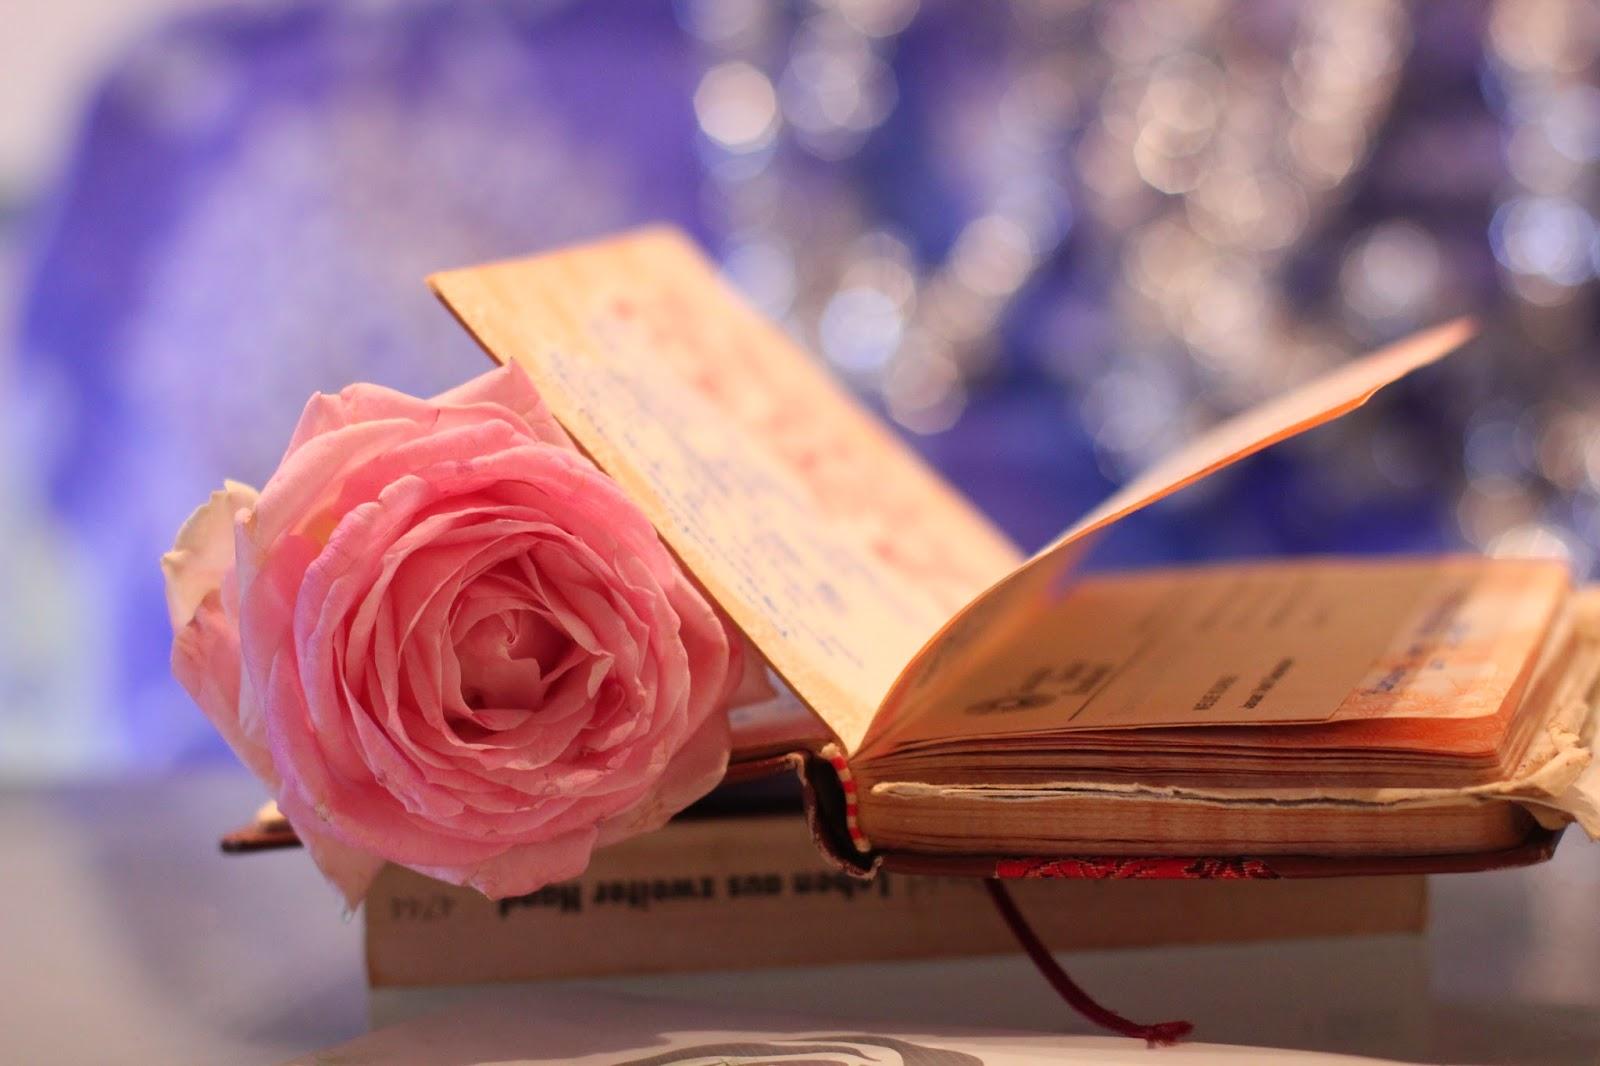 Fondos De Pantalla De Rosas Y Libros